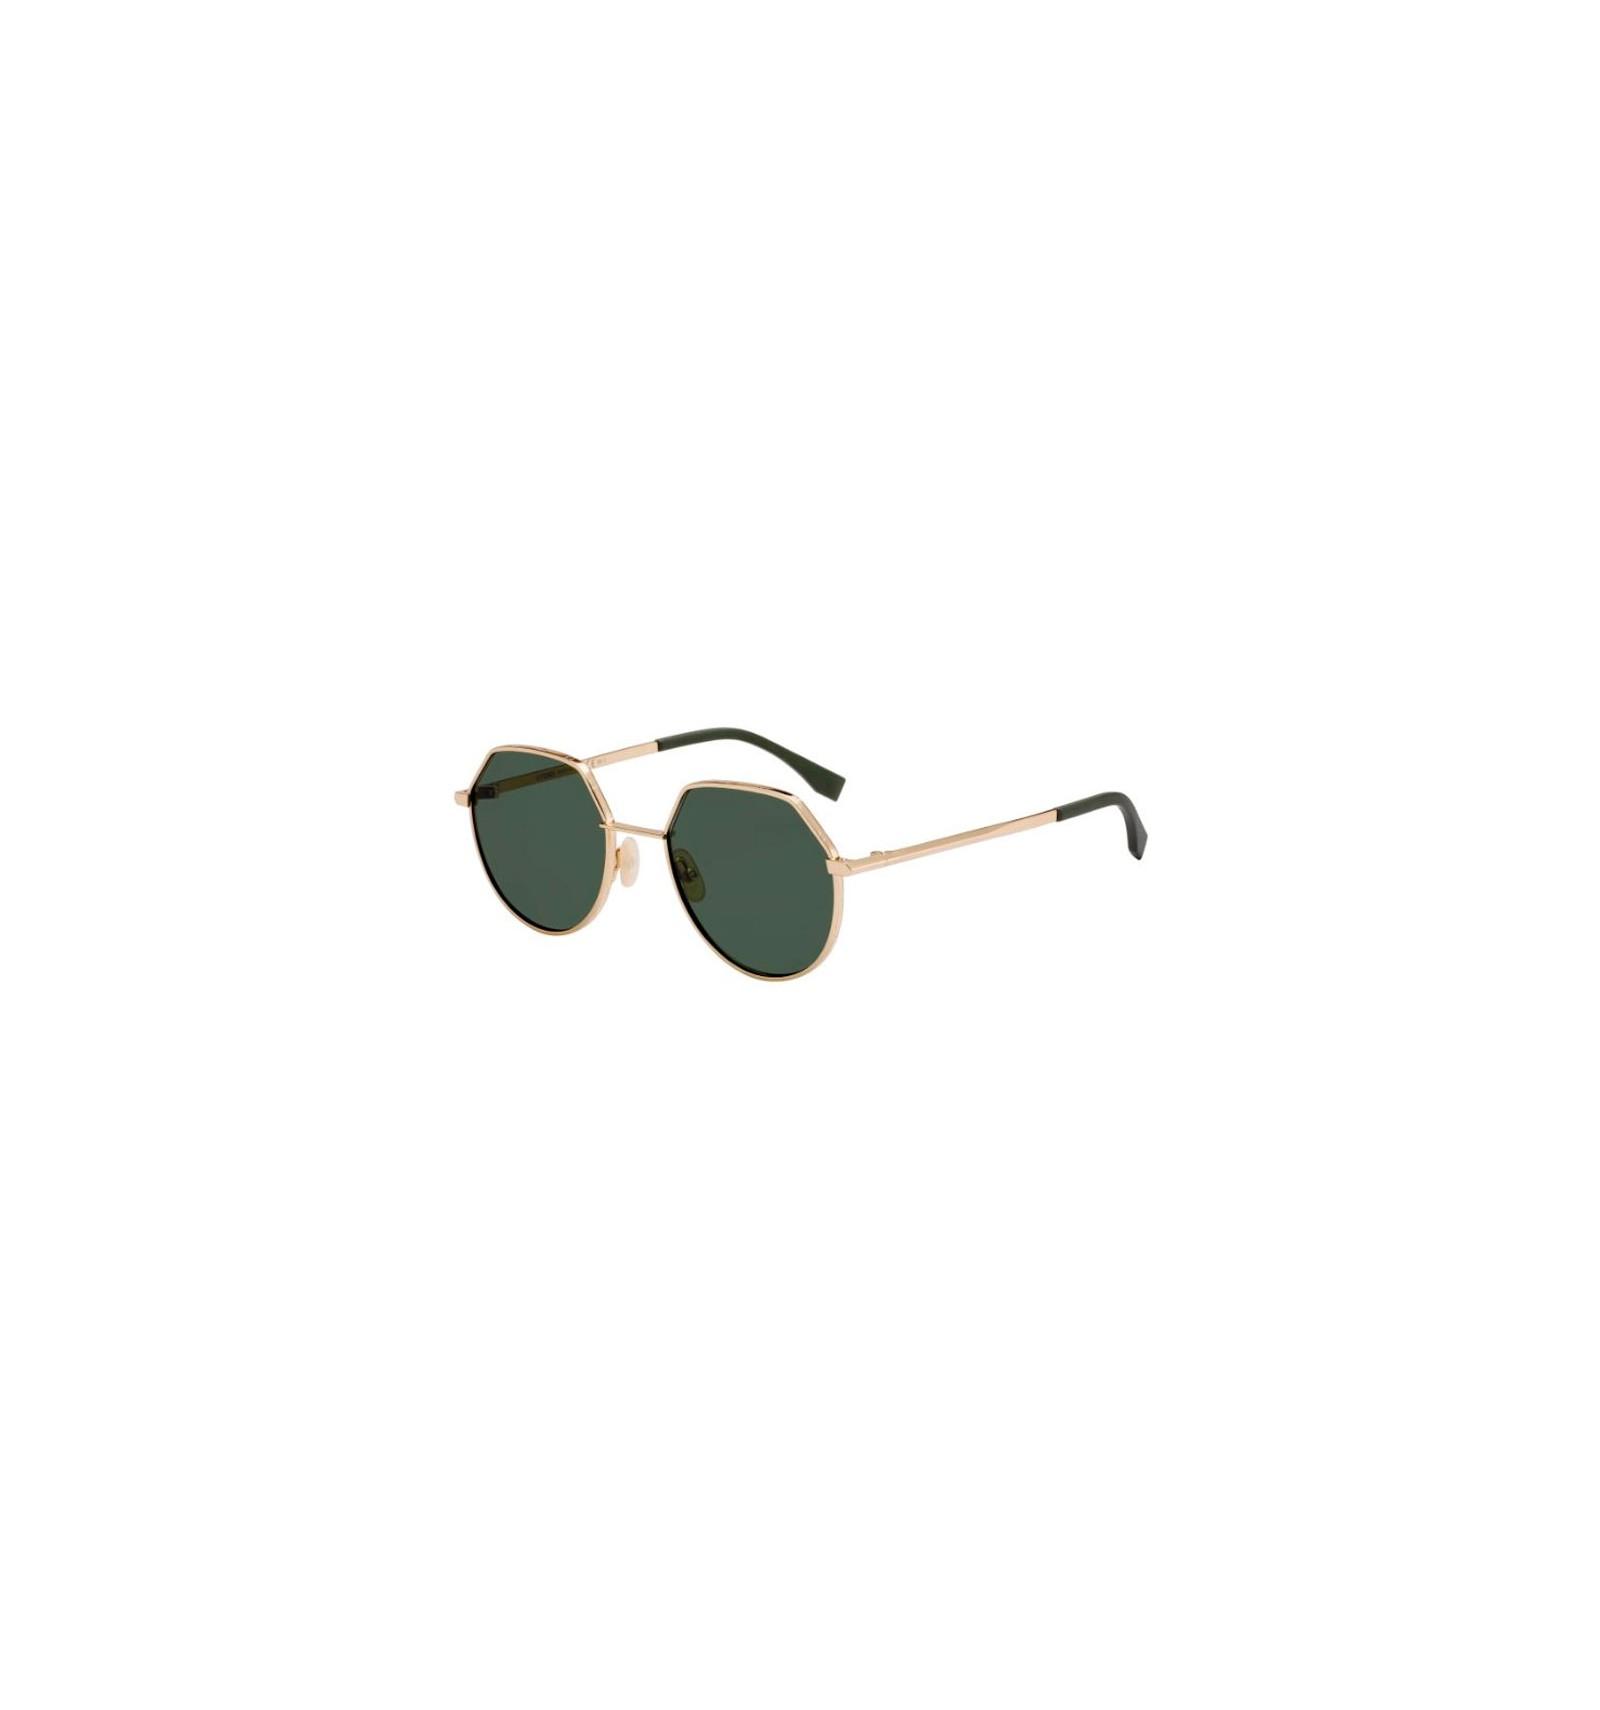 4f338fa955a Gafas de sol Fendi FF M0029S Rose Gold - Green. Comprar Online